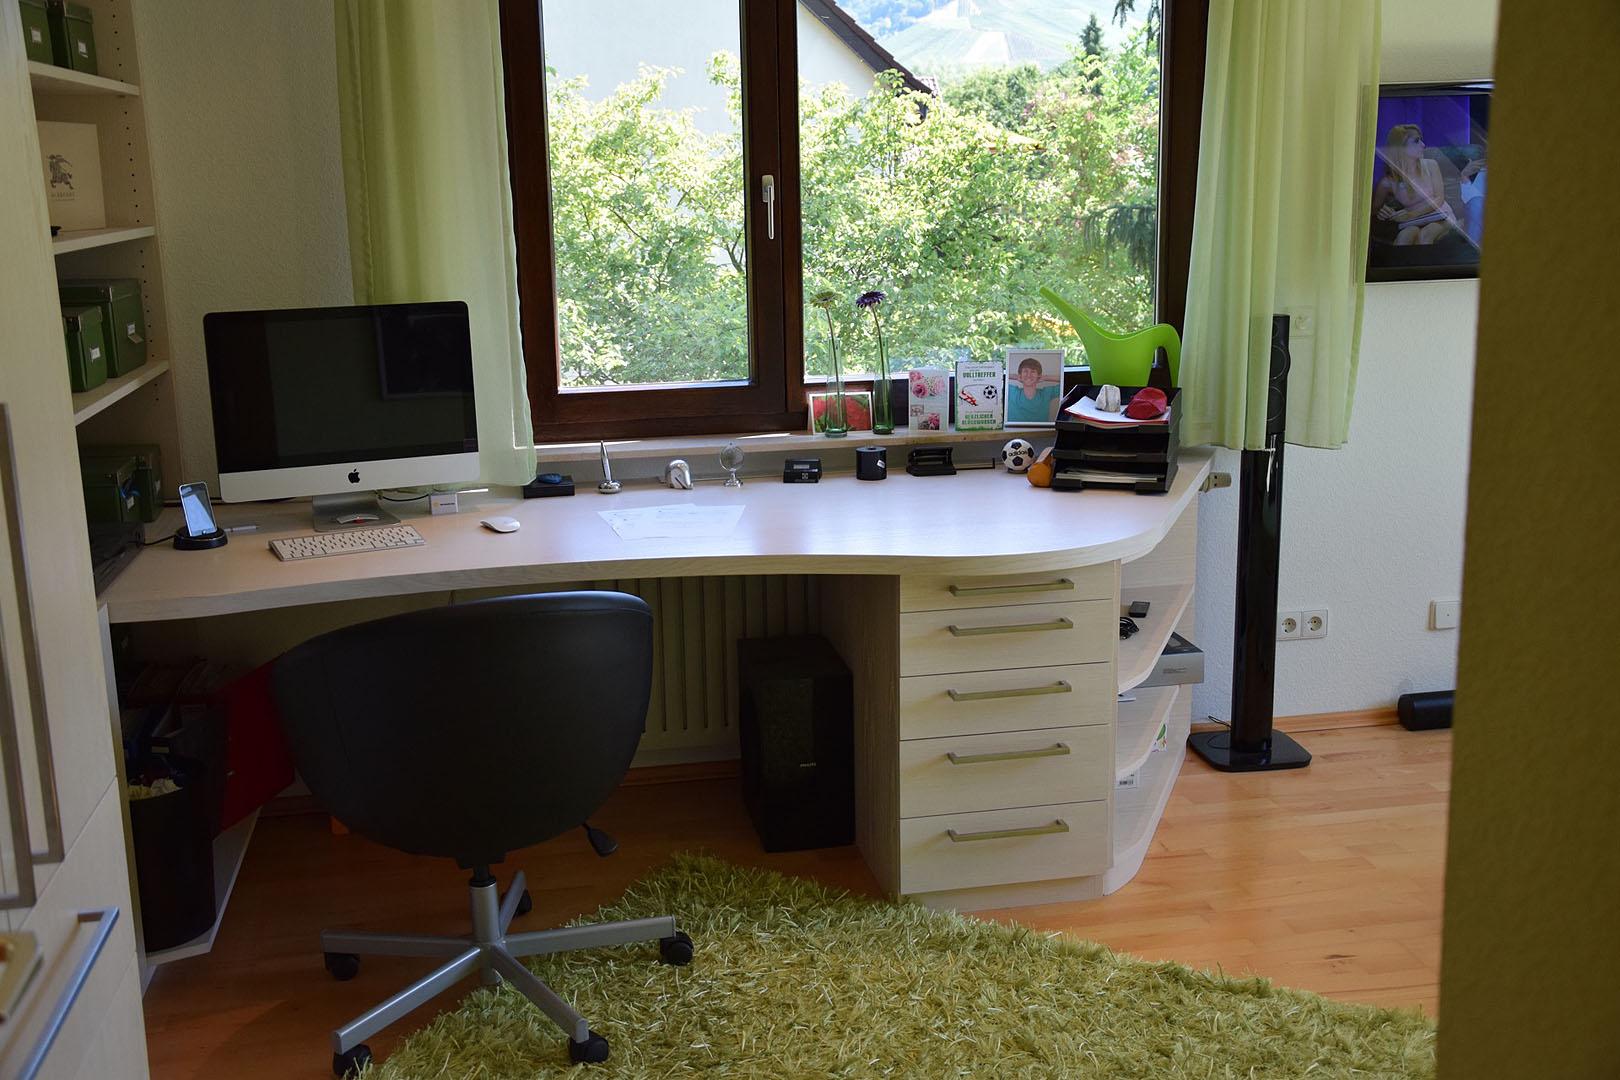 schreinerei julian grimm ideen mit holz der schreiner in fellbach b roeinrichtung. Black Bedroom Furniture Sets. Home Design Ideas